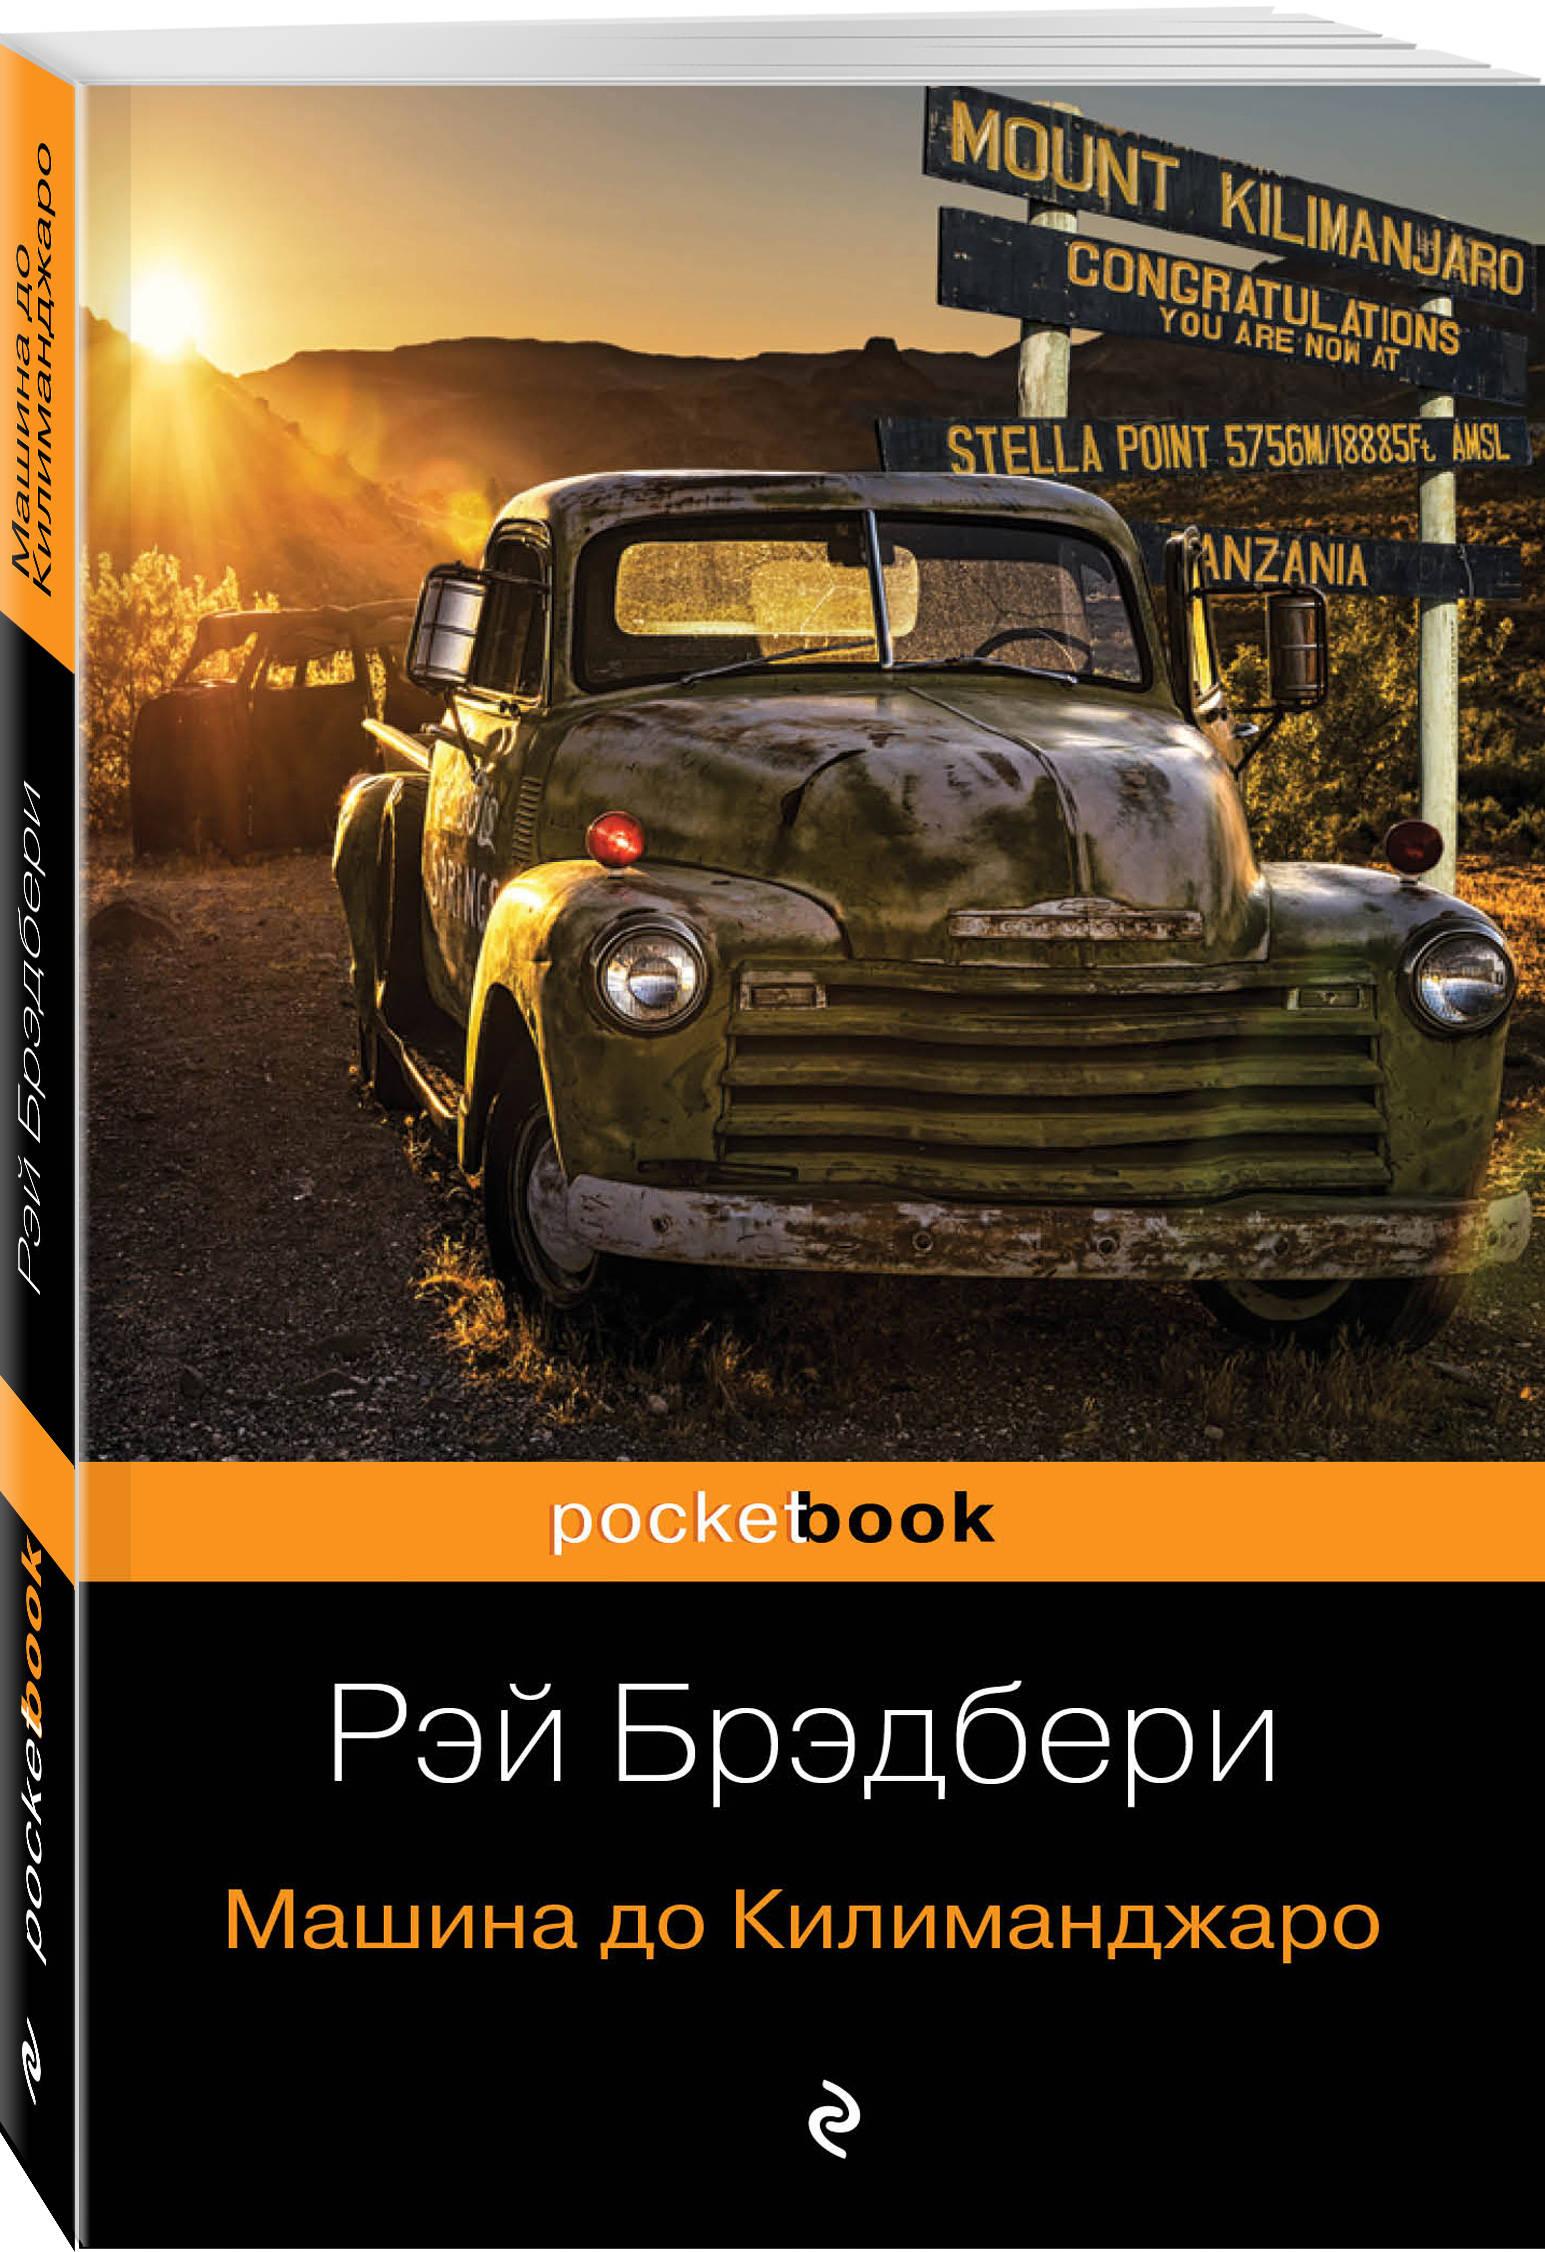 Рэй Брэдбери Машина до Килиманджаро хаим финкельштейн ман рэй личное измерение модернизма